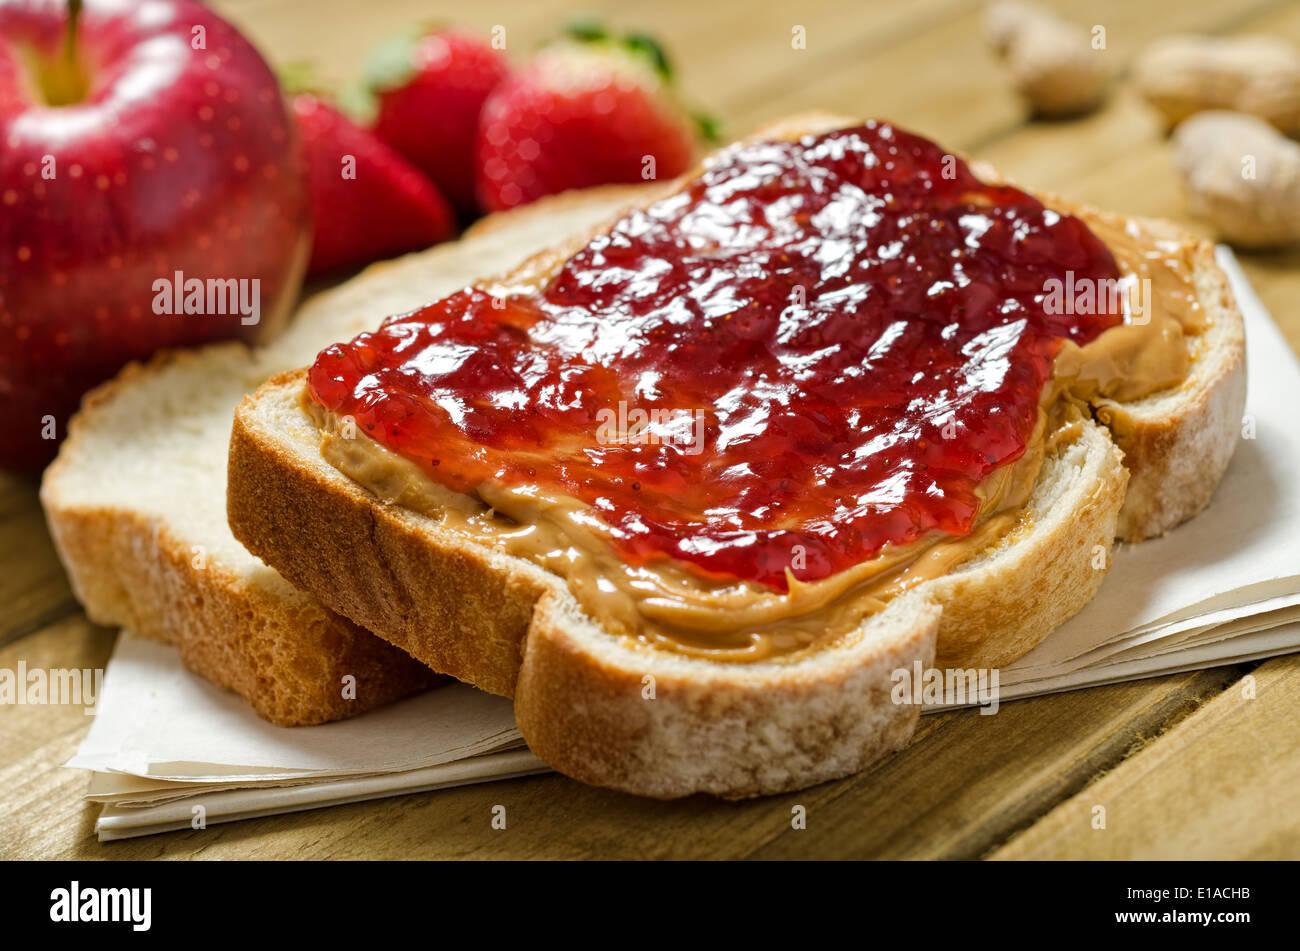 Eine nahrhafte Erdnussbutter und Marmelade-Sandwich mit Äpfel, Erdbeeren und Erdnüssen. Stockbild